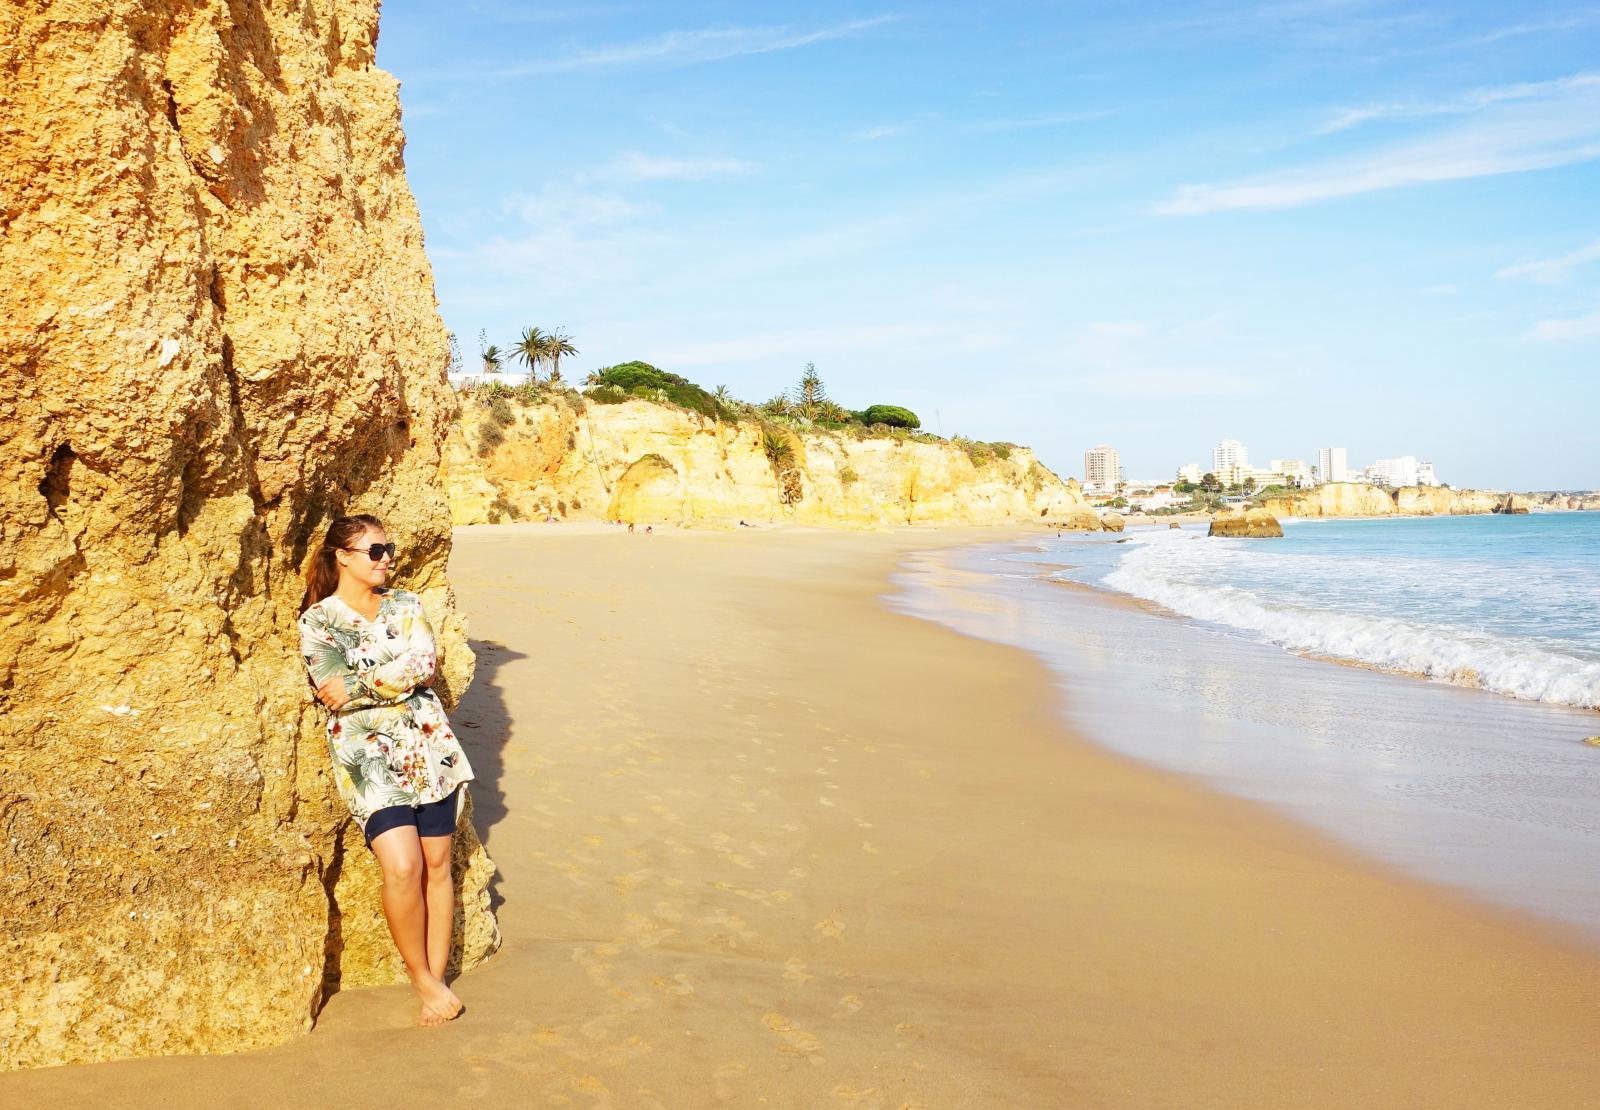 Ibland lockar stranden, till exempel den på Algarvekusten i Portugal.